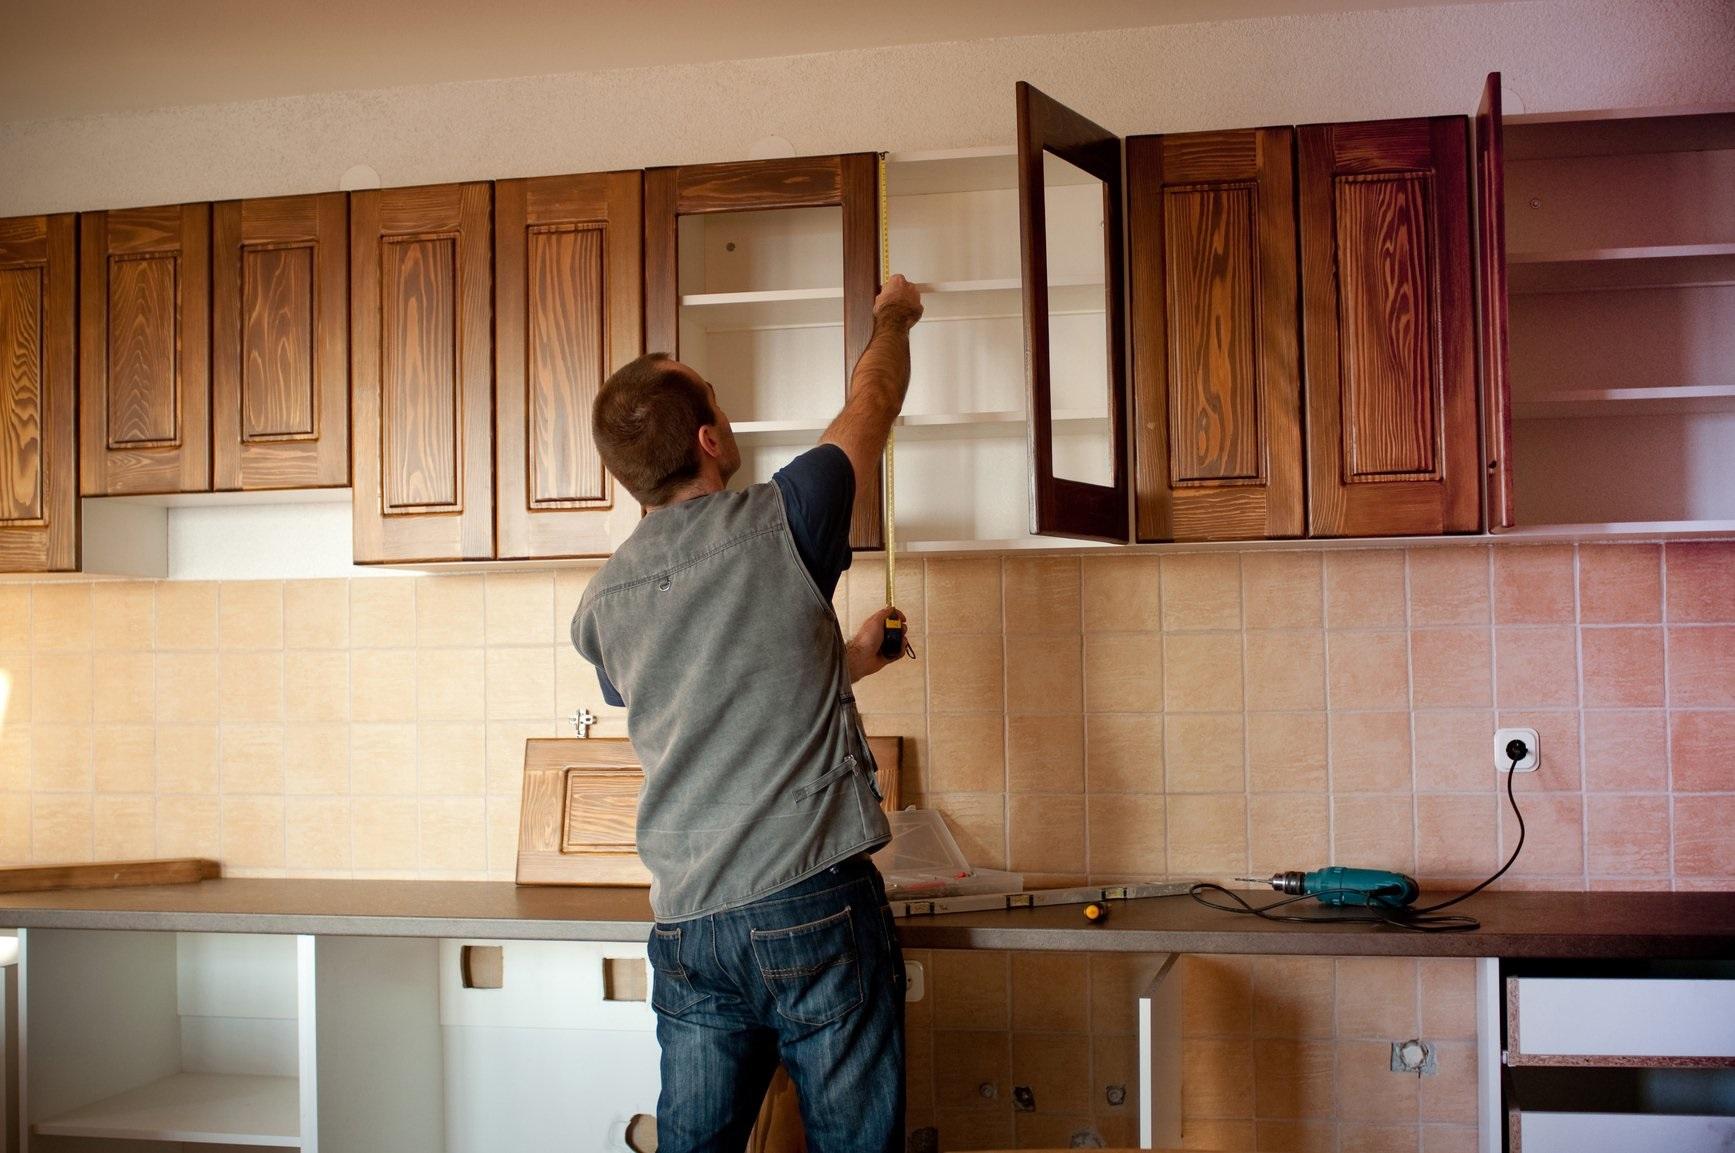 измерение кухонного шкафа